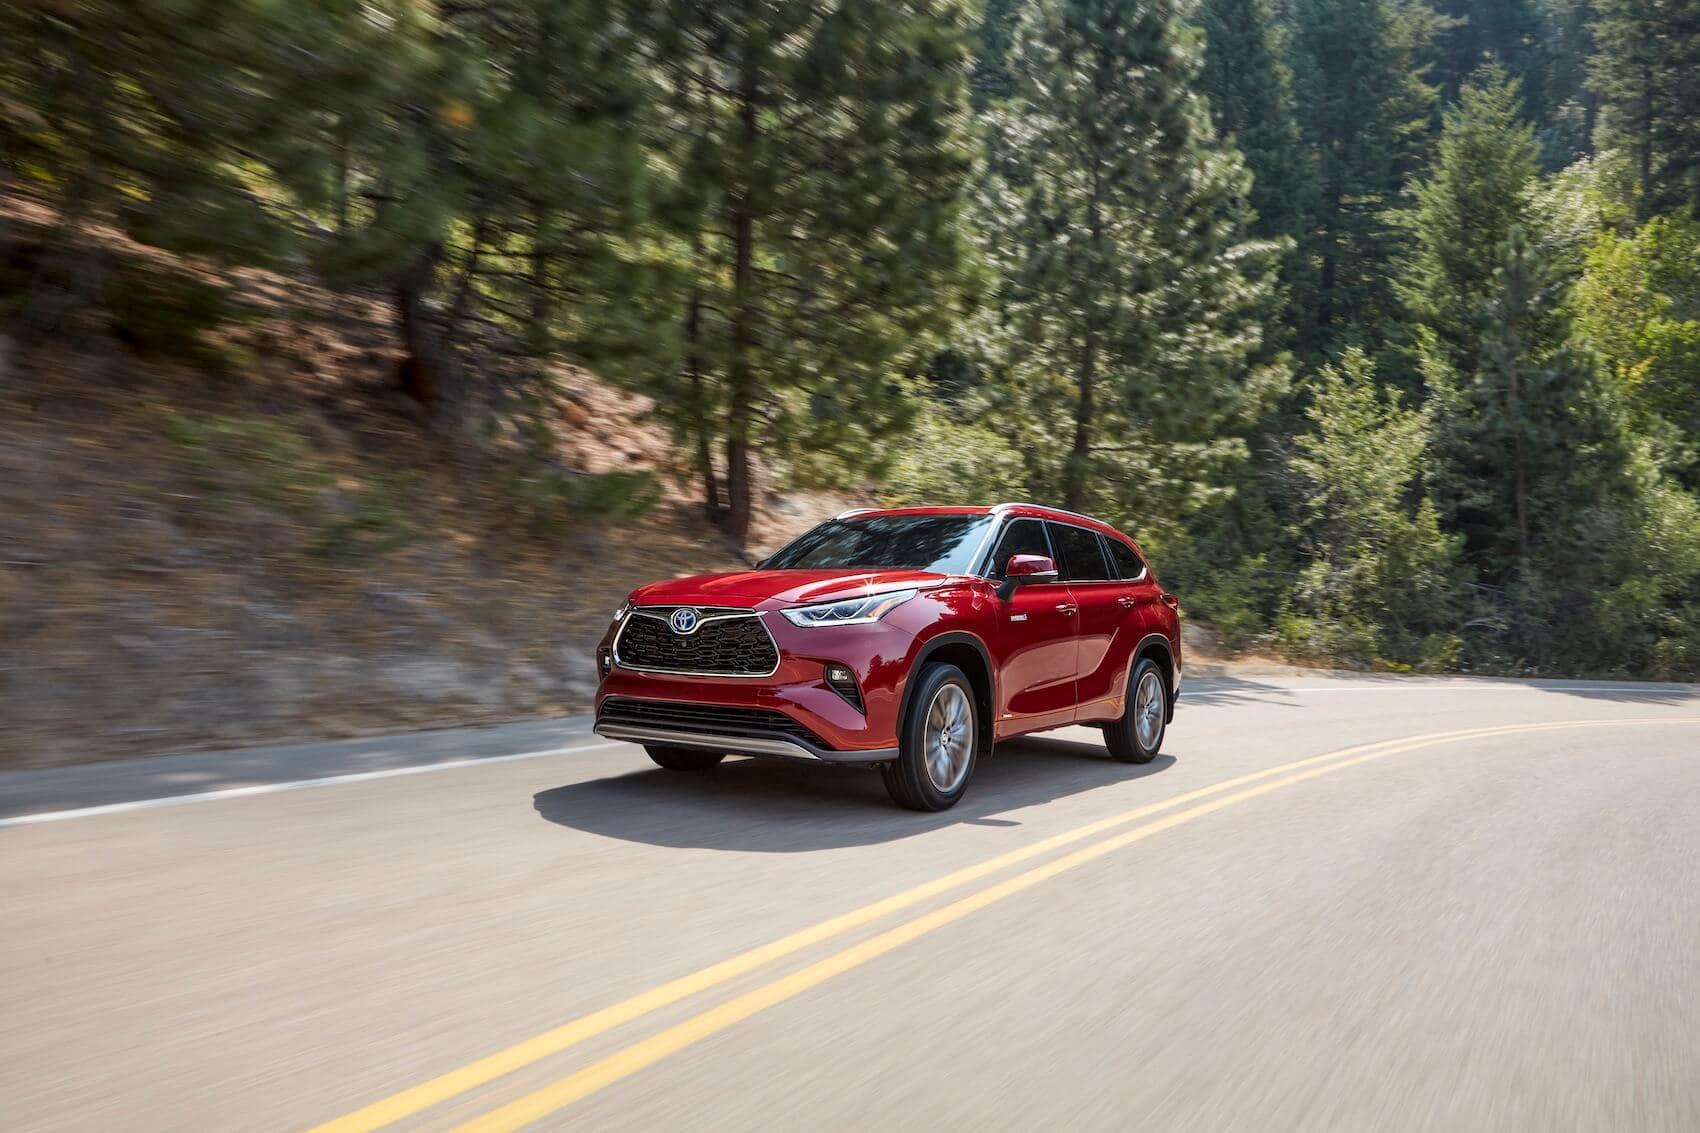 Toyota Hybrid Benefits